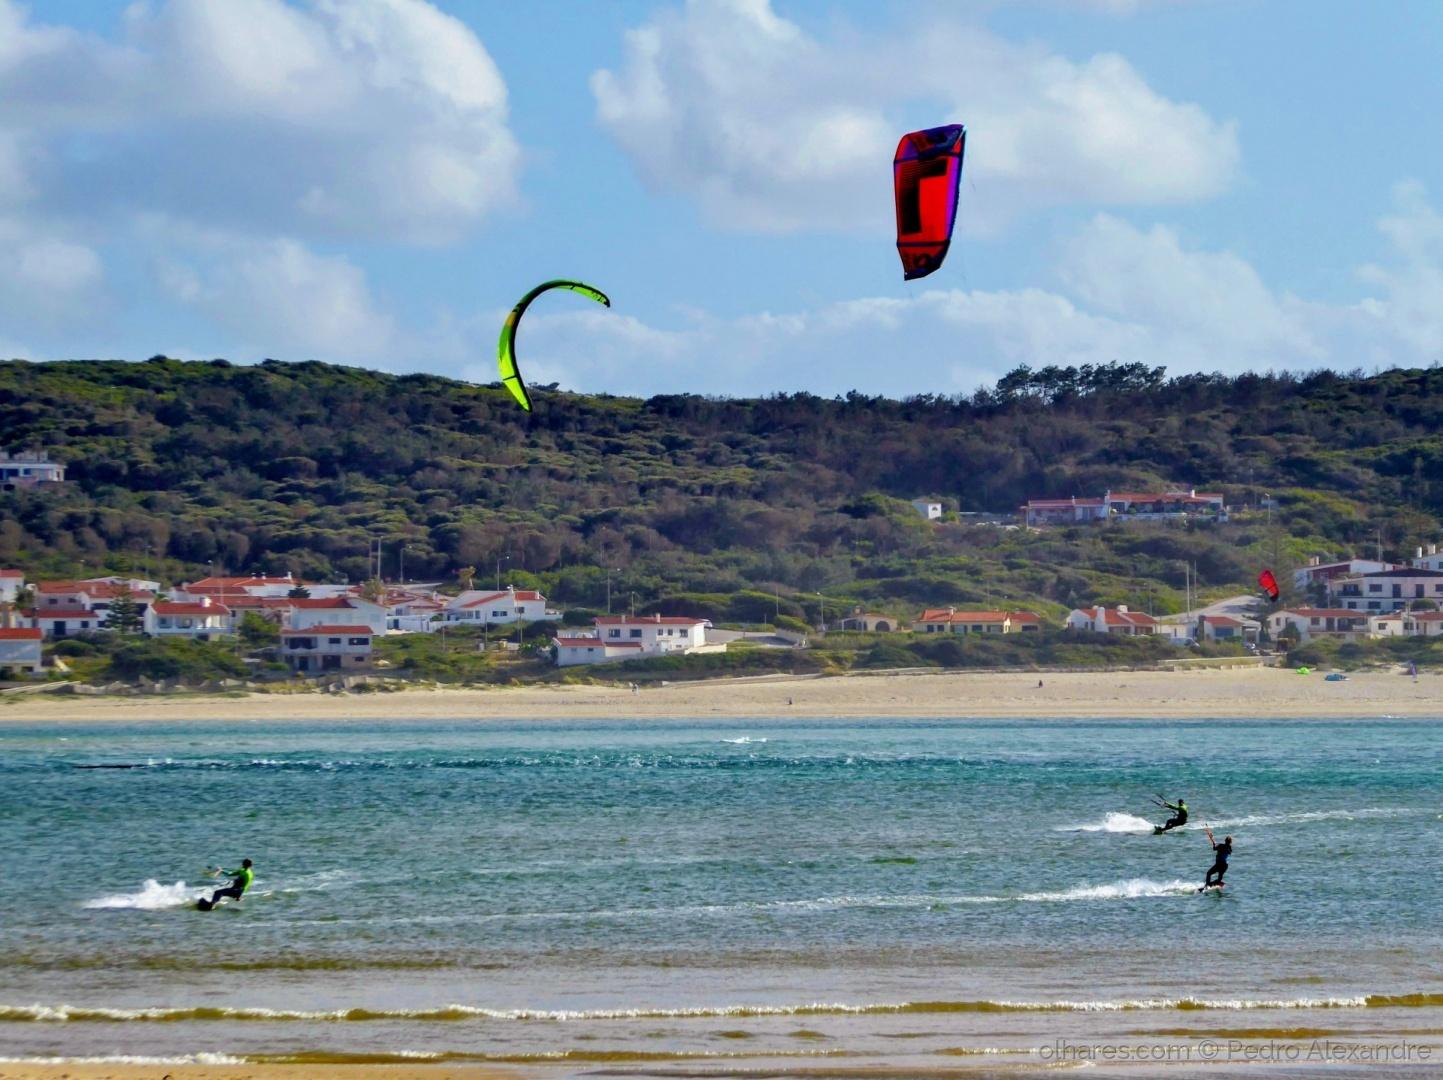 Desporto e Ação/Dia ideal para praticar kitesurf